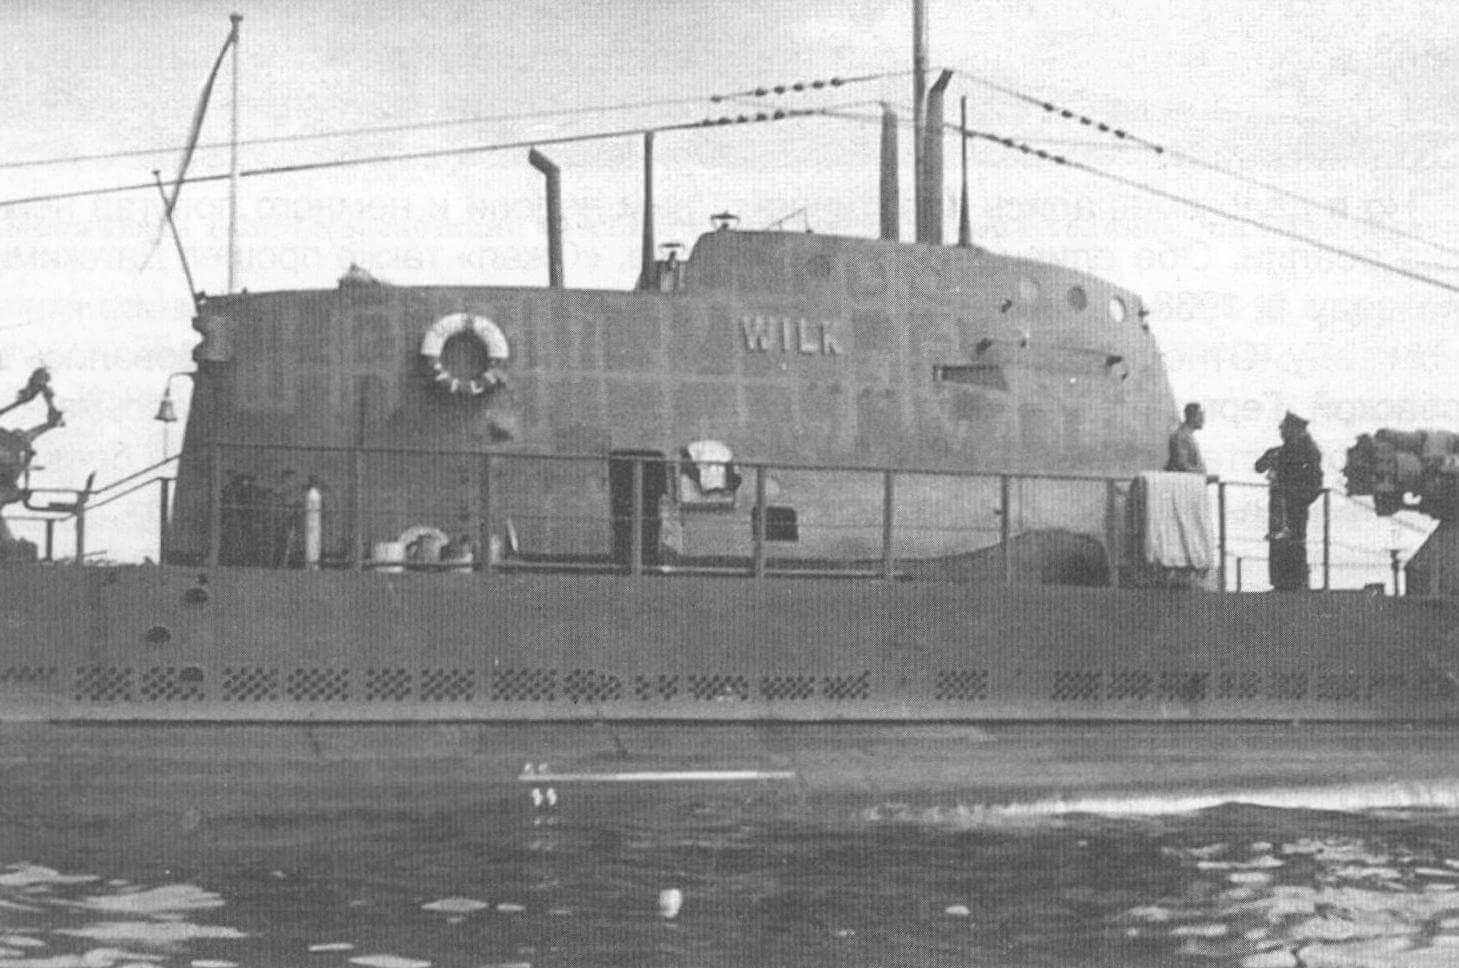 Подводная лодка «Вылк»